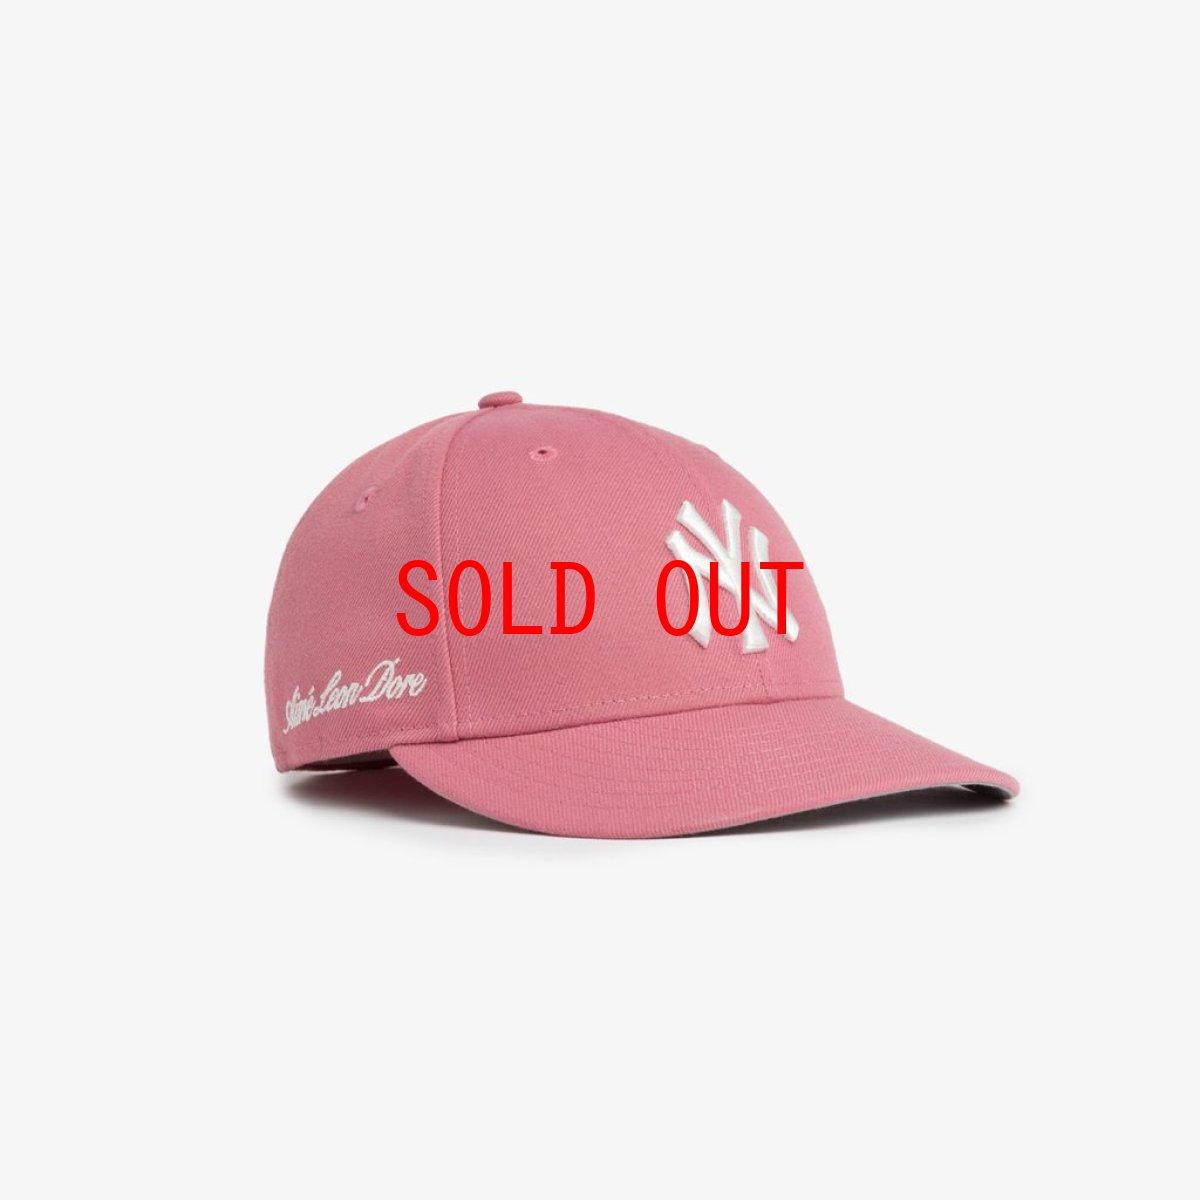 画像1: Aime Leon dore(エイメ レオン ドレ) × New Era (ニューエラ) LP 59Fifty Cap NewYork Yankees  Pink White ニューヨーク ヤンキース Kith ネイビー ホワイト (1)